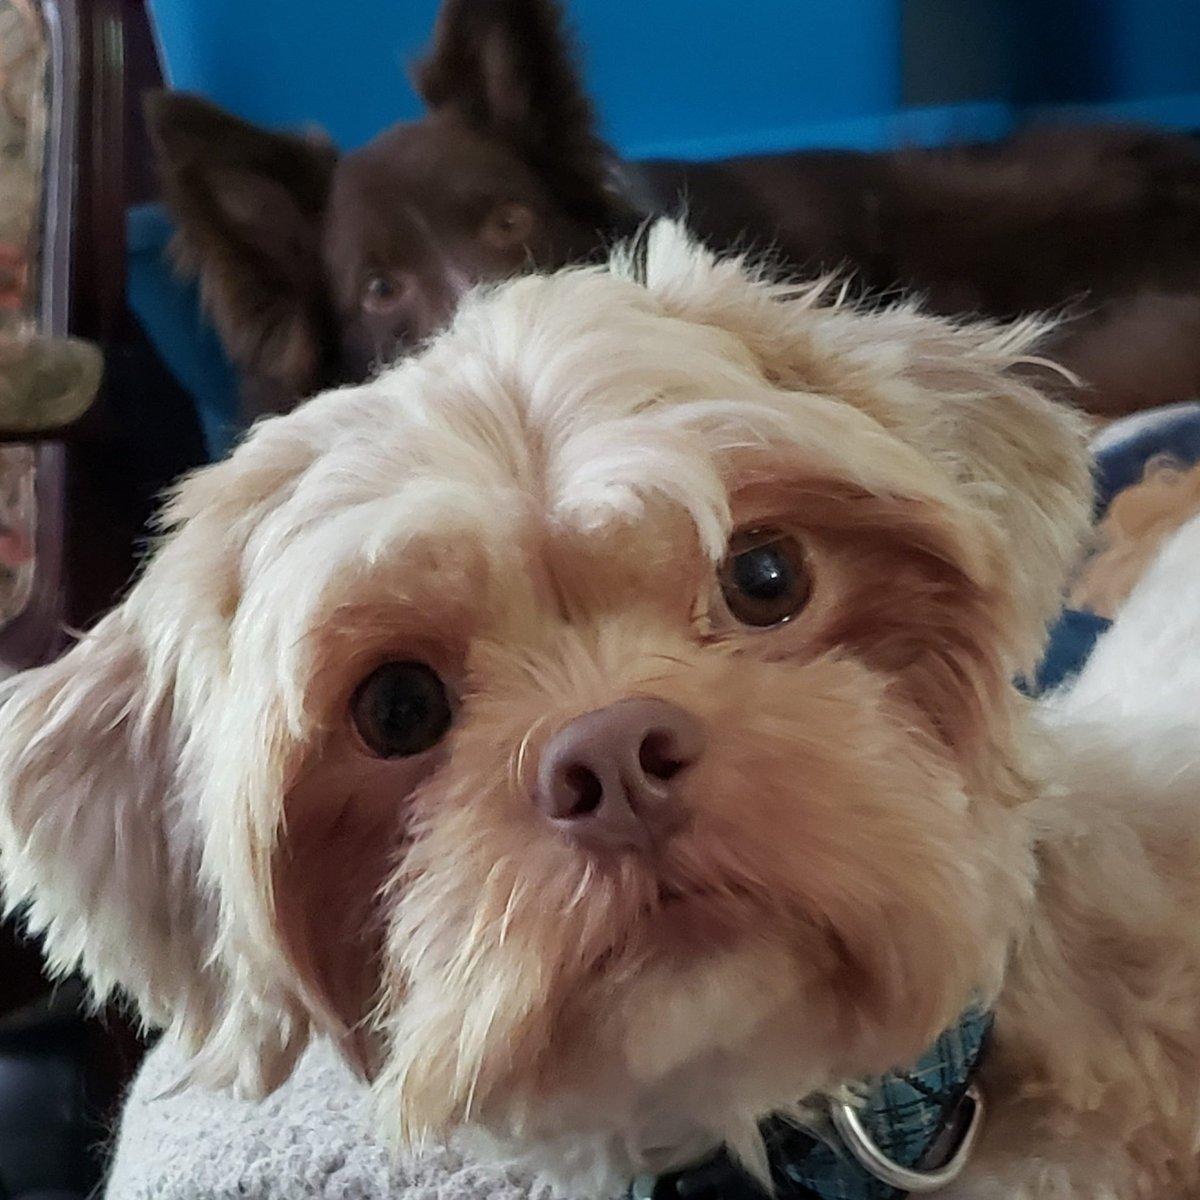 Seeing double today #dog #muppetdog #dogface #dogfaces #dogeye #dogeyes #doglooks #doggo #doggy #fluffydog #restingdogspic.twitter.com/i9JcMlxQgE